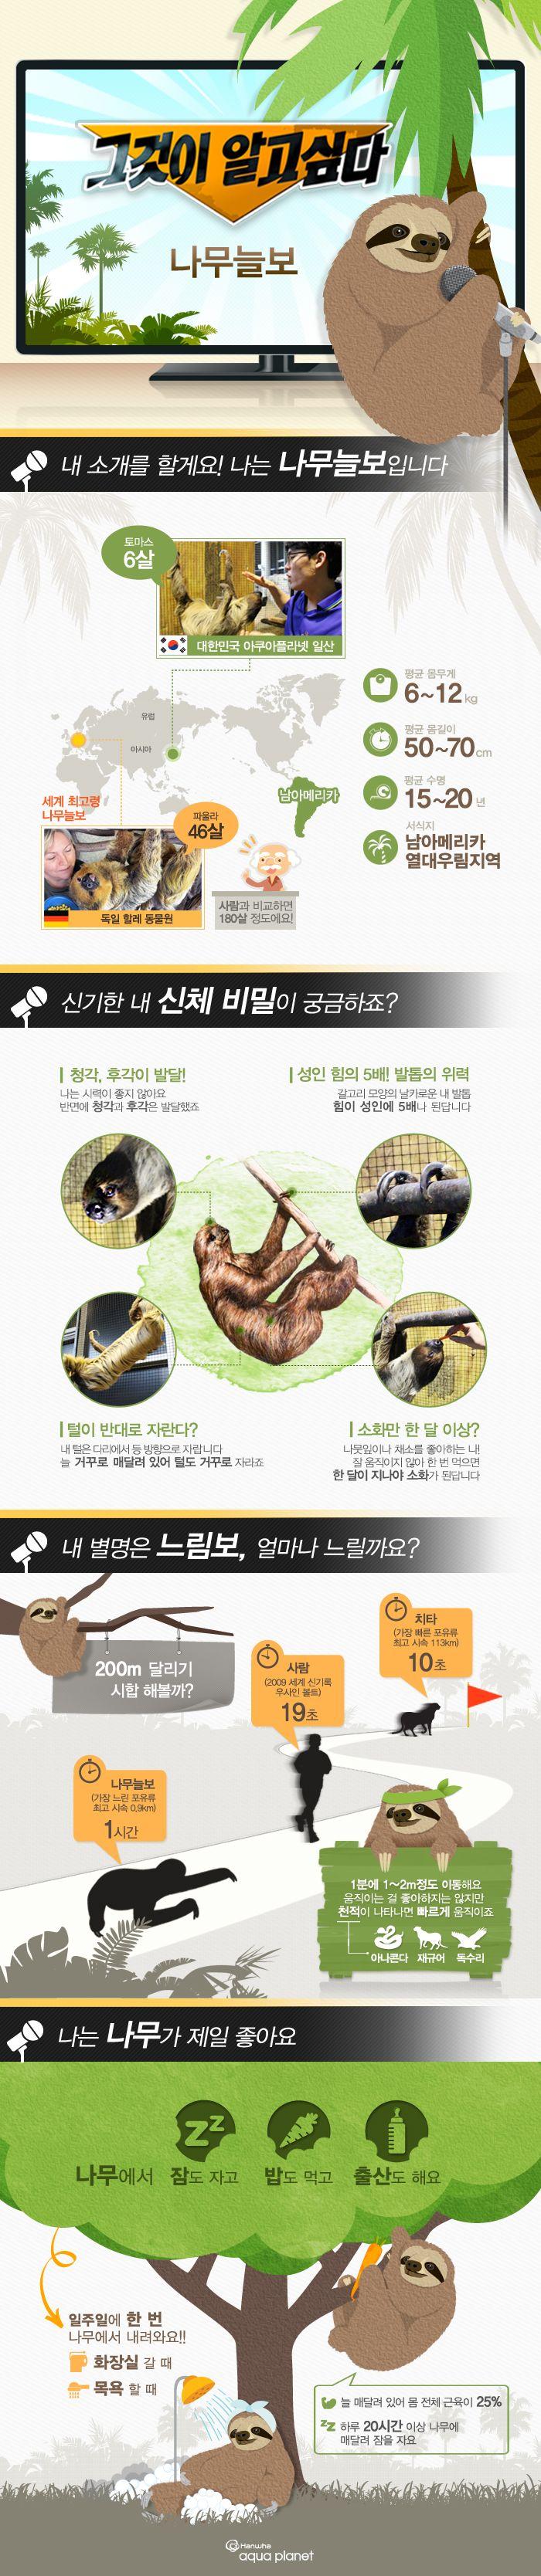 느림보 '나무늘보'에 관한 인포그래픽